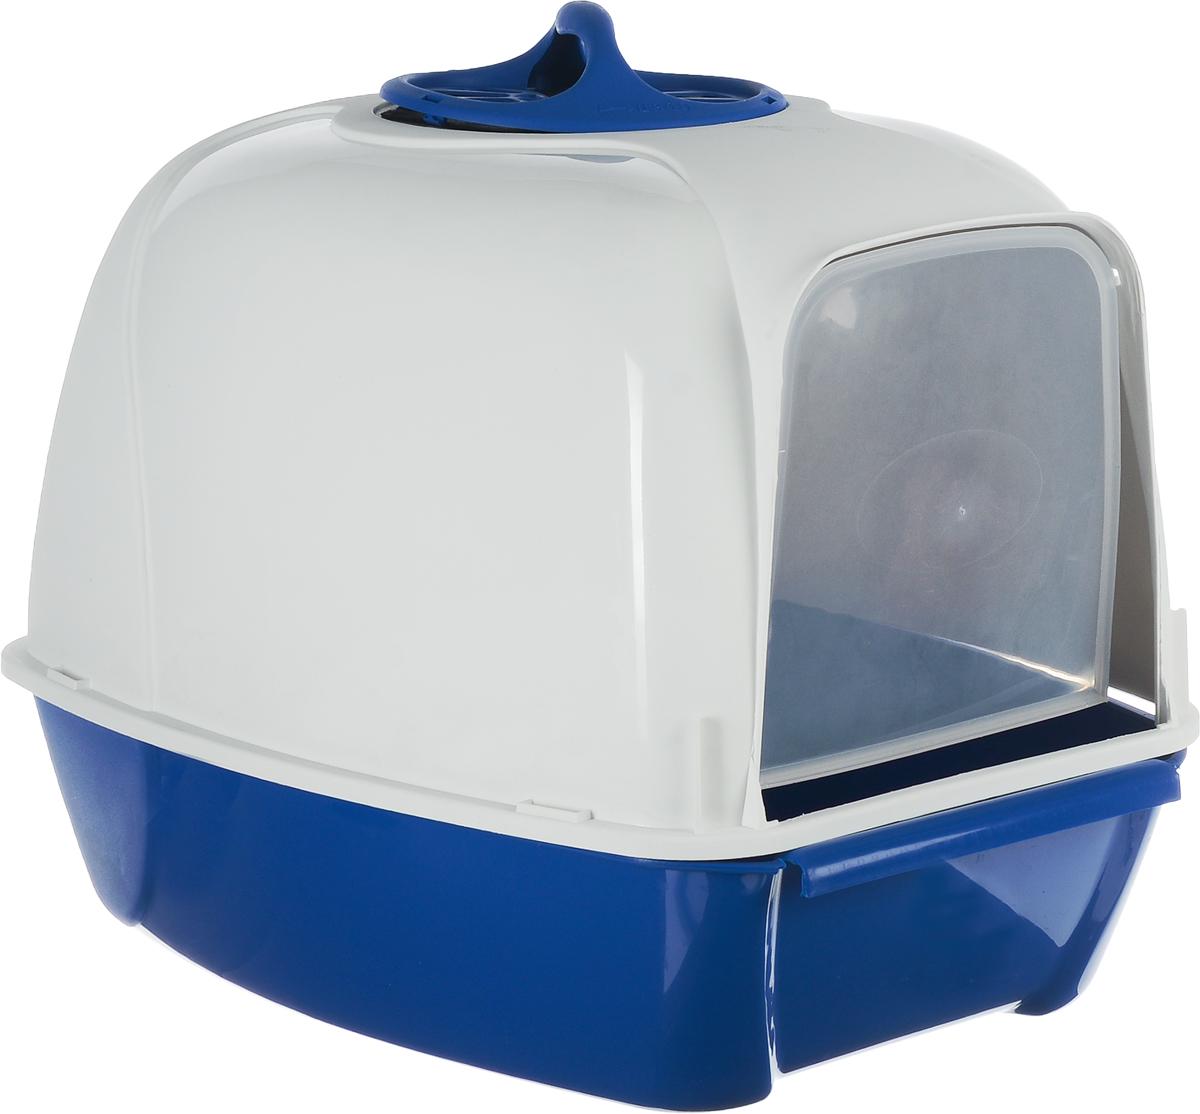 Био-туалет для кошек MPS Pixi, цвет: белый, синий, 52 х 39 х 39 см9312218_голубойБио-туалет для кошек MPS Pixi, выполненный из нетоксичного пластика в виде домика, поможет вашему питомцу уединиться для удовлетворения своих физиологических потребностей. Туалет оснащен съемной дверцей из прозрачного пластика, которую ваш питомец сможет открыть без труда. Био-туалет не распространяет неприятные запахи, благодаря встроенному угольному фильтру. Кроме того, он обеспечит чистоту в вашей квартире, так как не позволит при закапывании разбрасывать кошке наполнитель вокруг туалета. В комплект входит удобная ручка для переноски.Есть возможность замены угольного фильтра (продается отдельно). Товар сертифицирован.